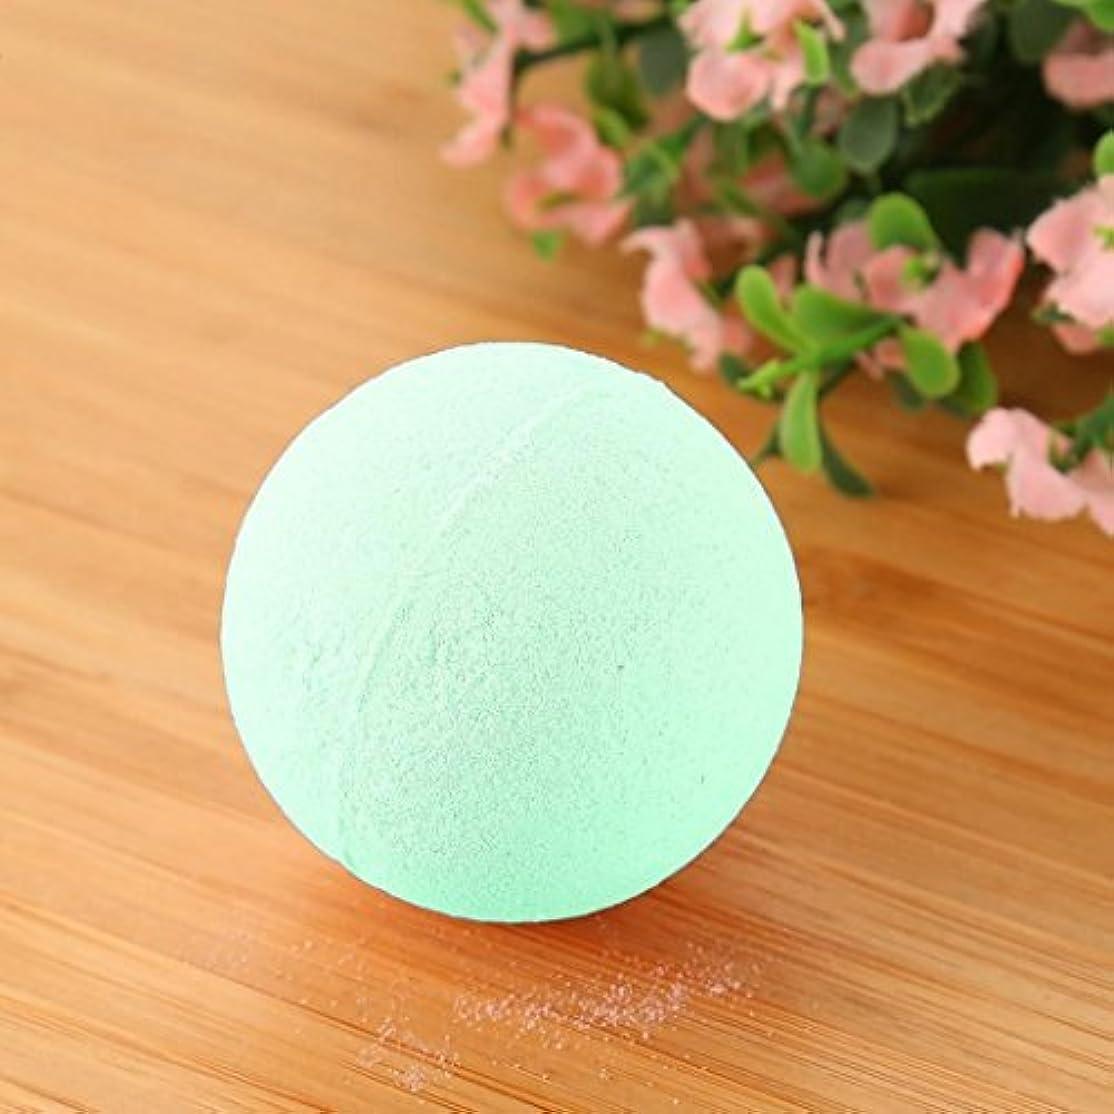 スポーツの試合を担当している人必要性休眠バブル塩風呂の贈り物のためにボールをリラックスした女性の塩